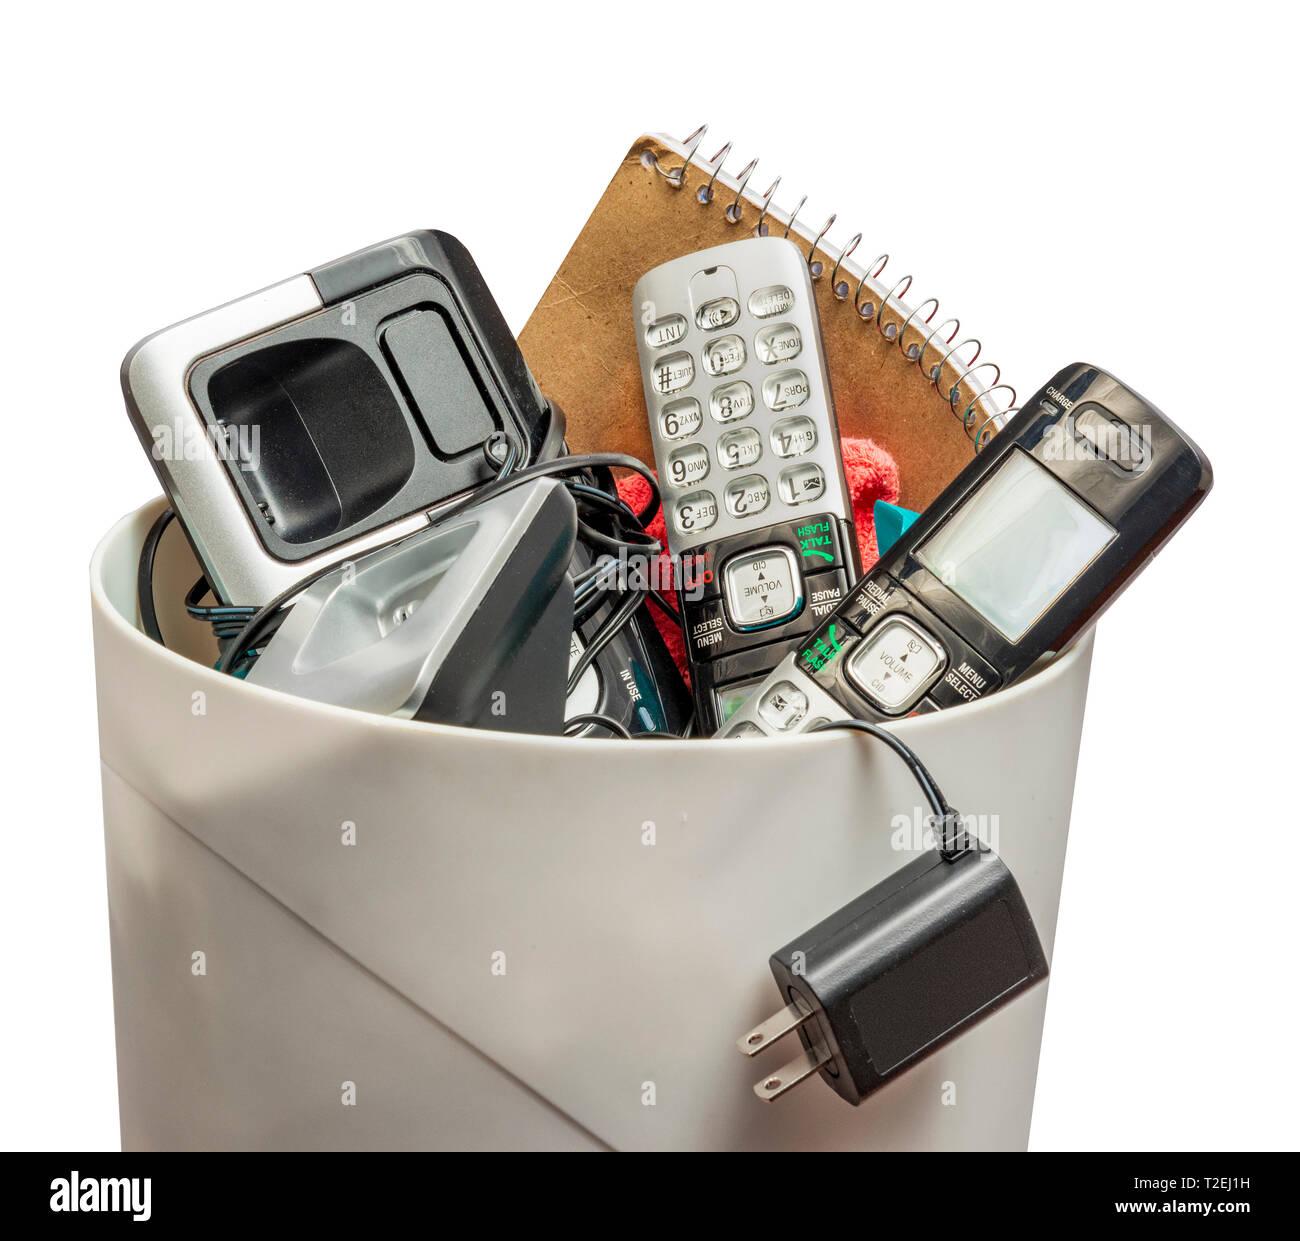 Ligne horizontale de terre grenaille telephones gaspillées dans un poubelle. Cette photo est sur le côté. Seule la moitié supérieure de la poubelle. Photo Stock